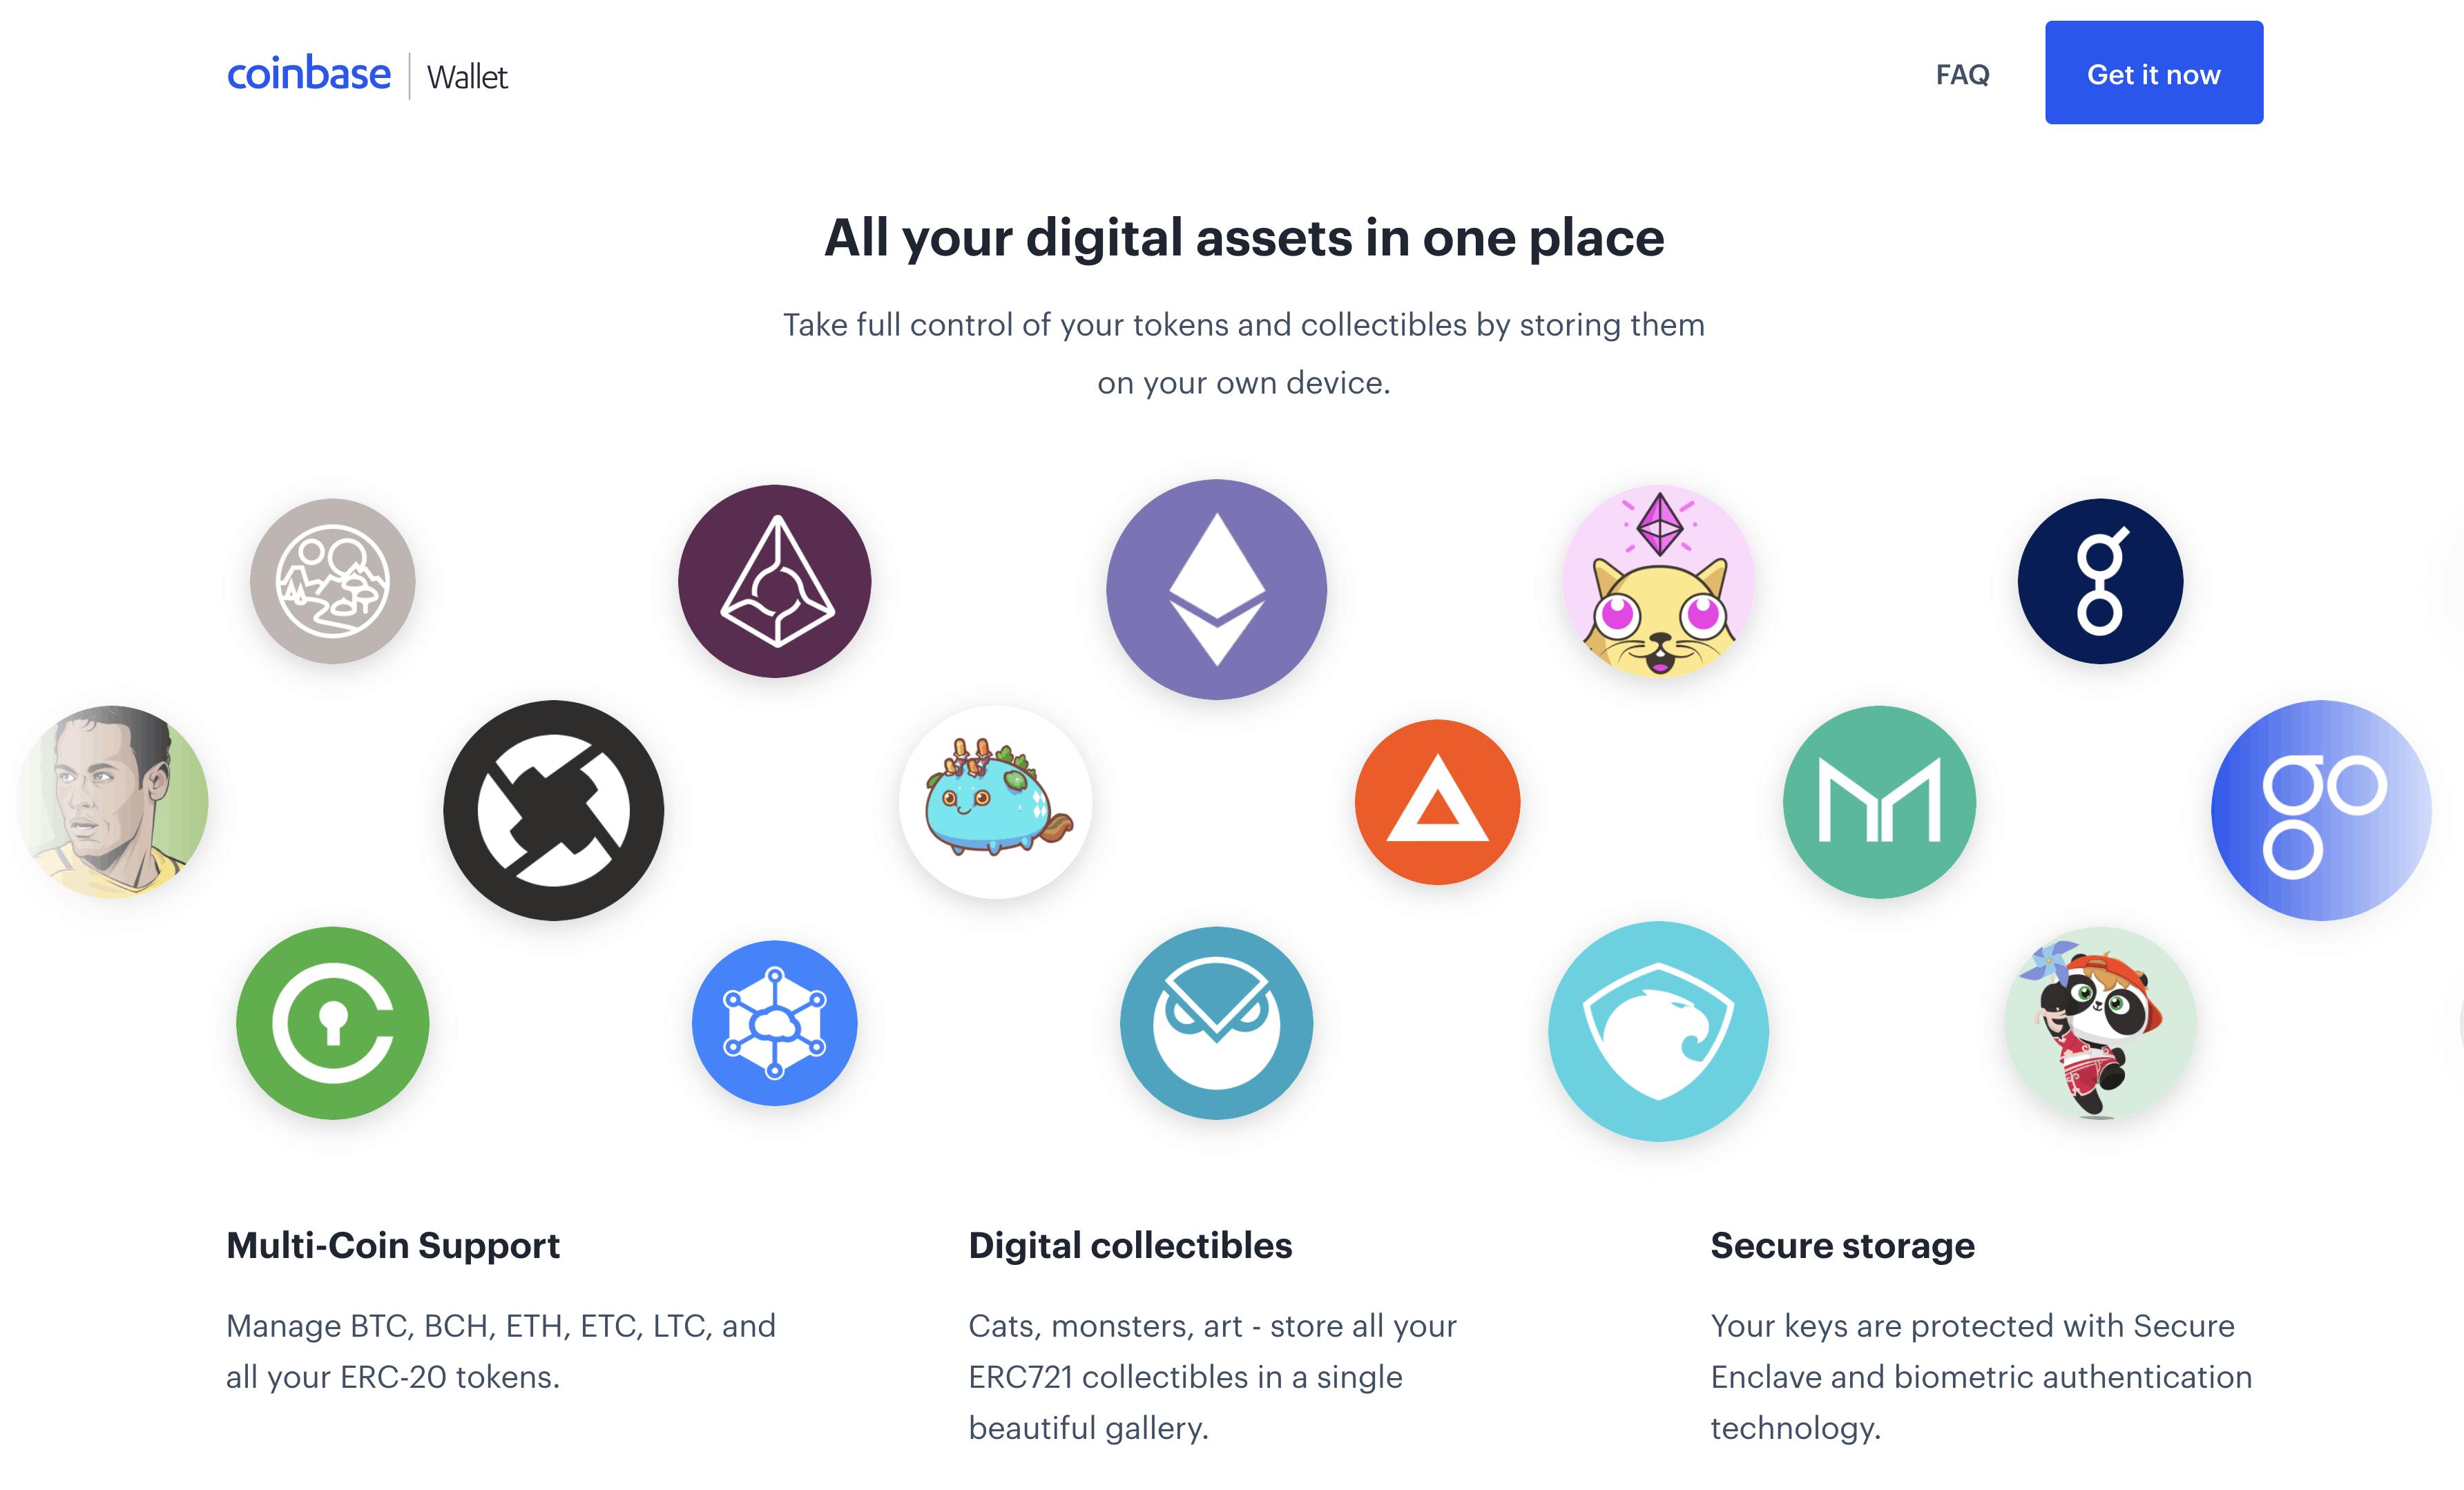 Coinbase Wallet cryptos available